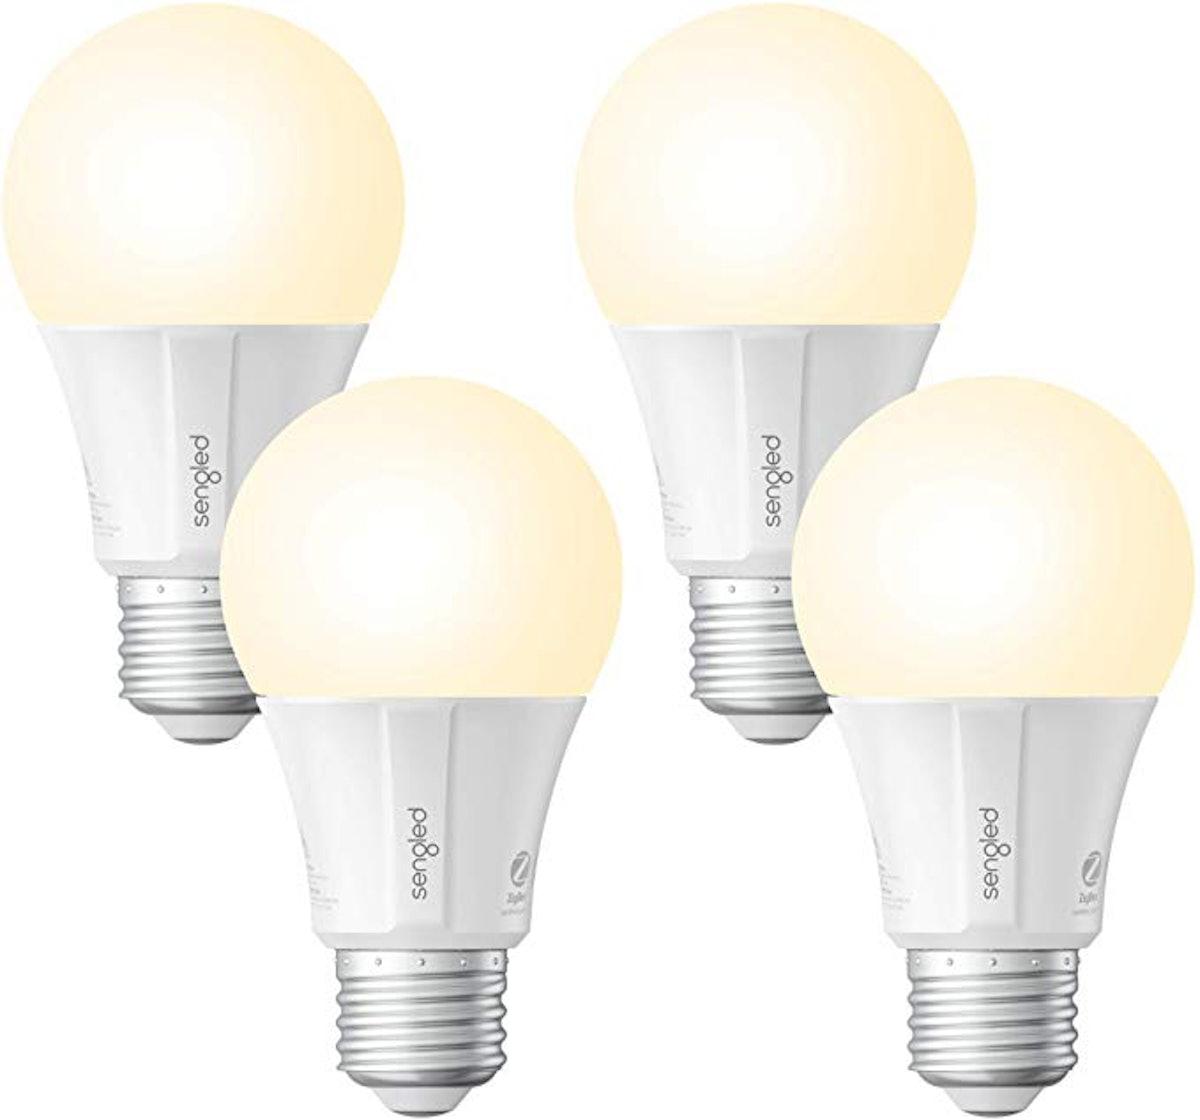 Sengled Smart LED Soft White A19 Bulb (4-Pack)